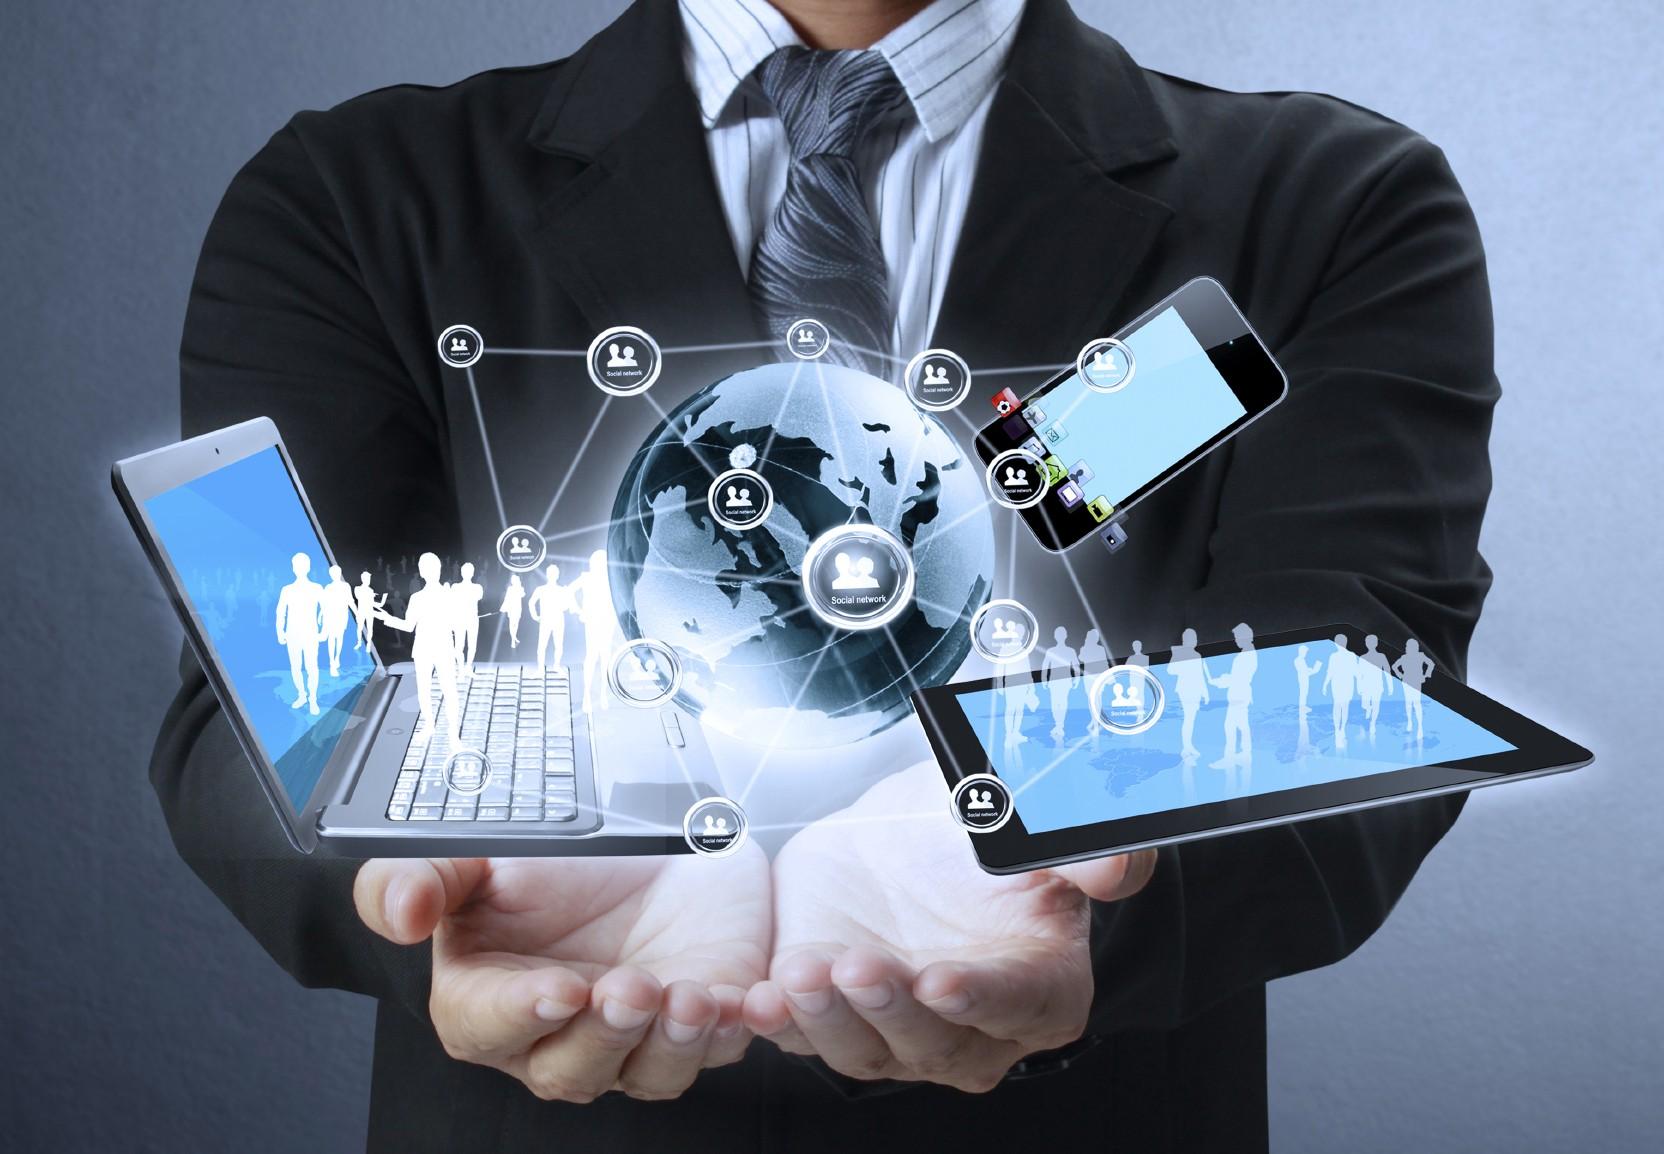 Più lavoro con le tecnologie: in arrivo 12 milioni di nuovi posti